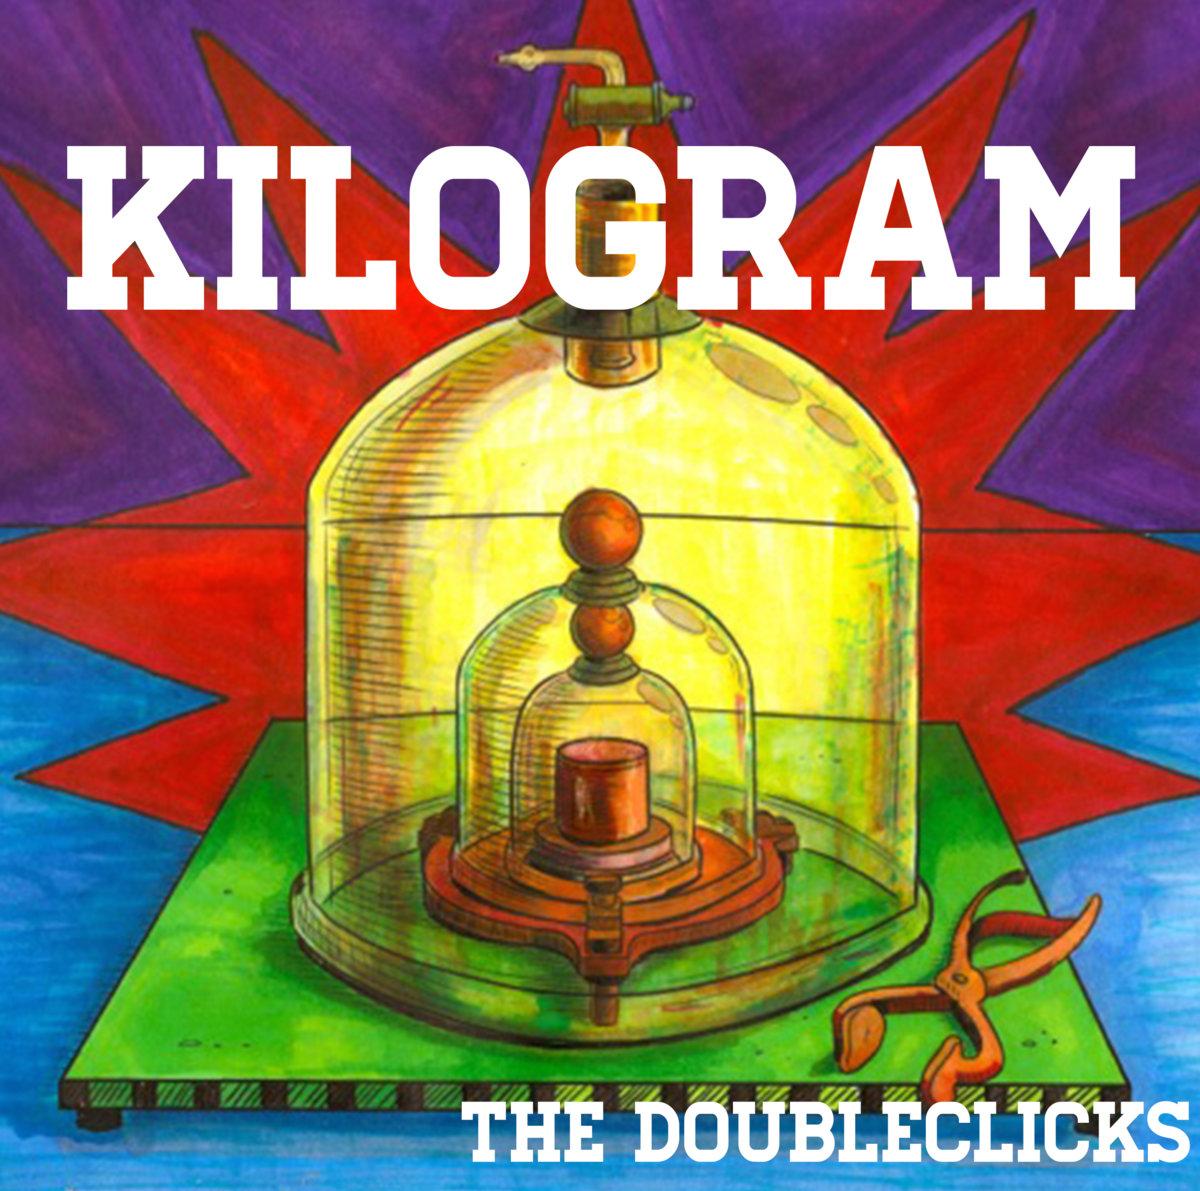 Kilogram | The Doubleclicks